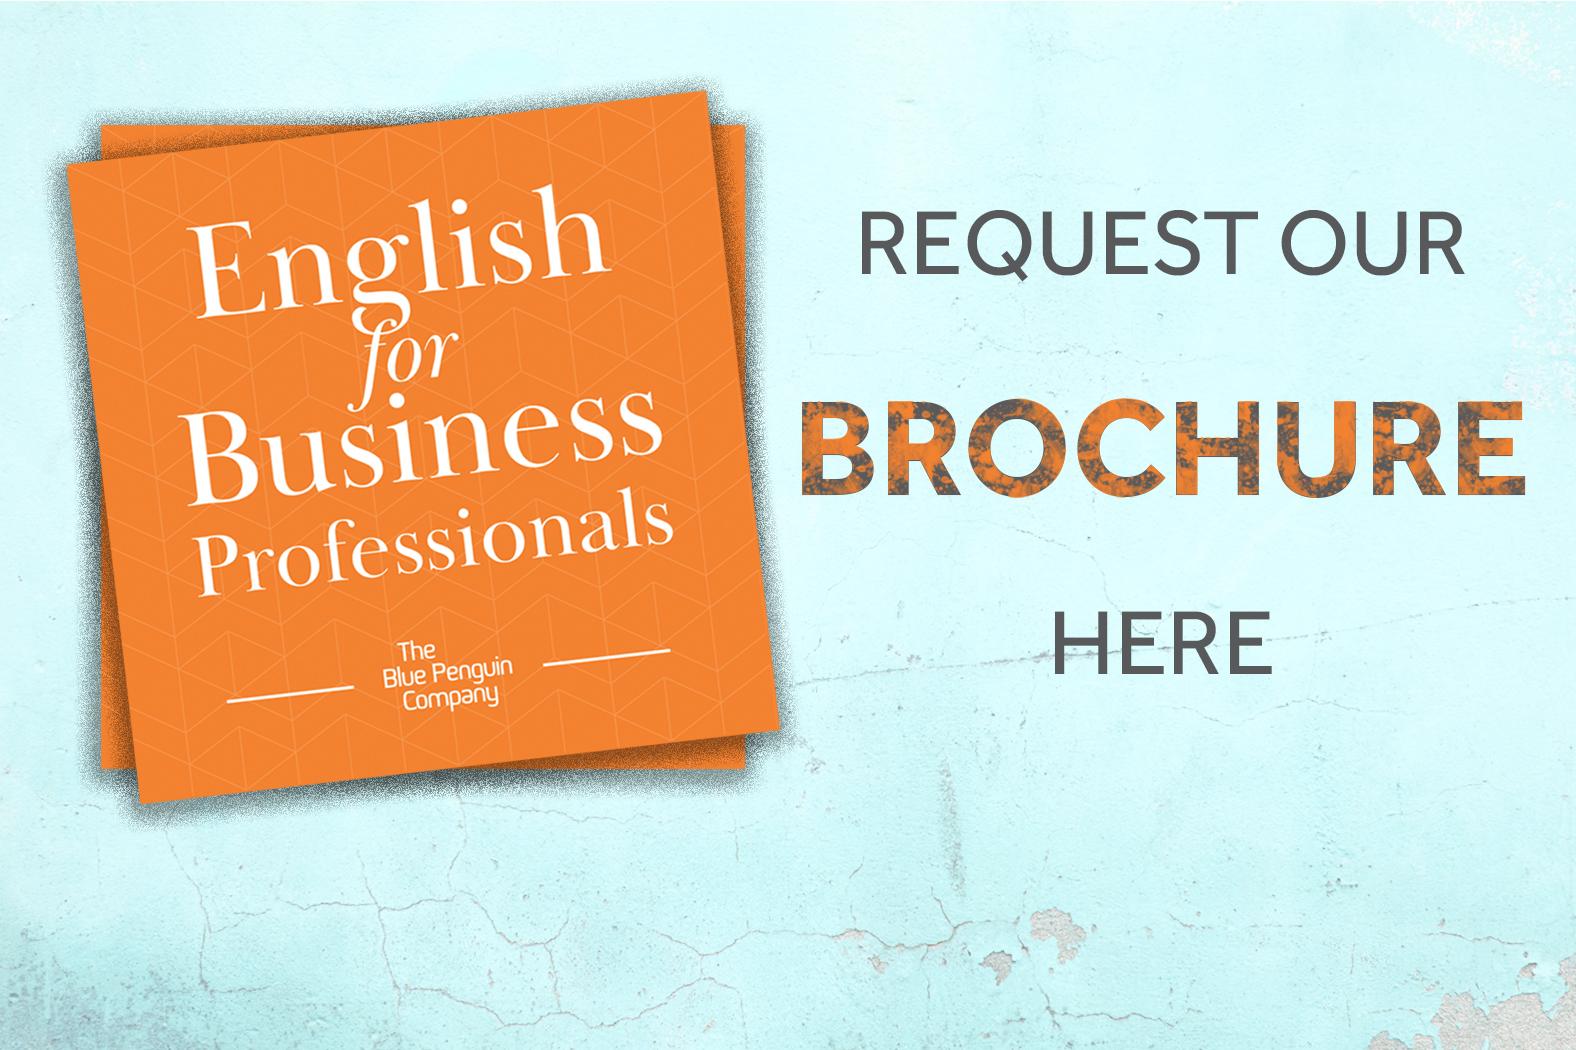 BluePenguin-Request-Brochure-orange.jpg